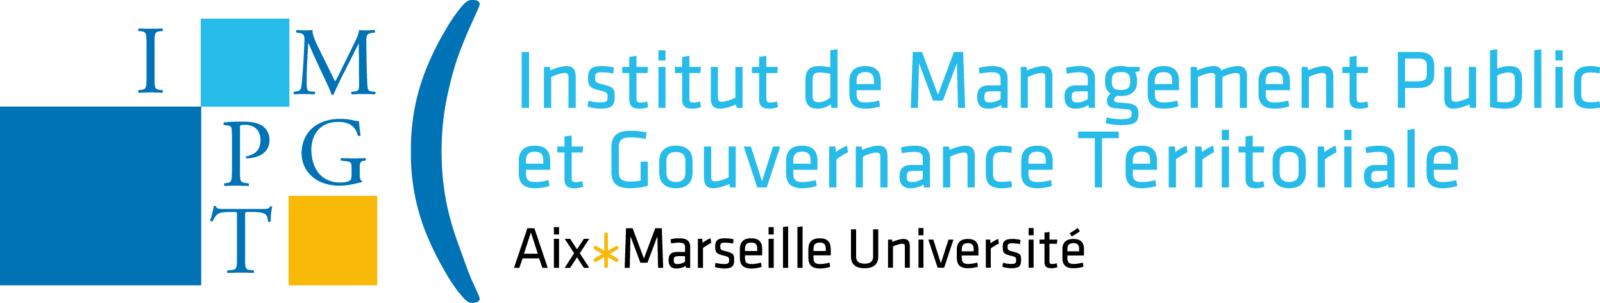 IMPGT logo